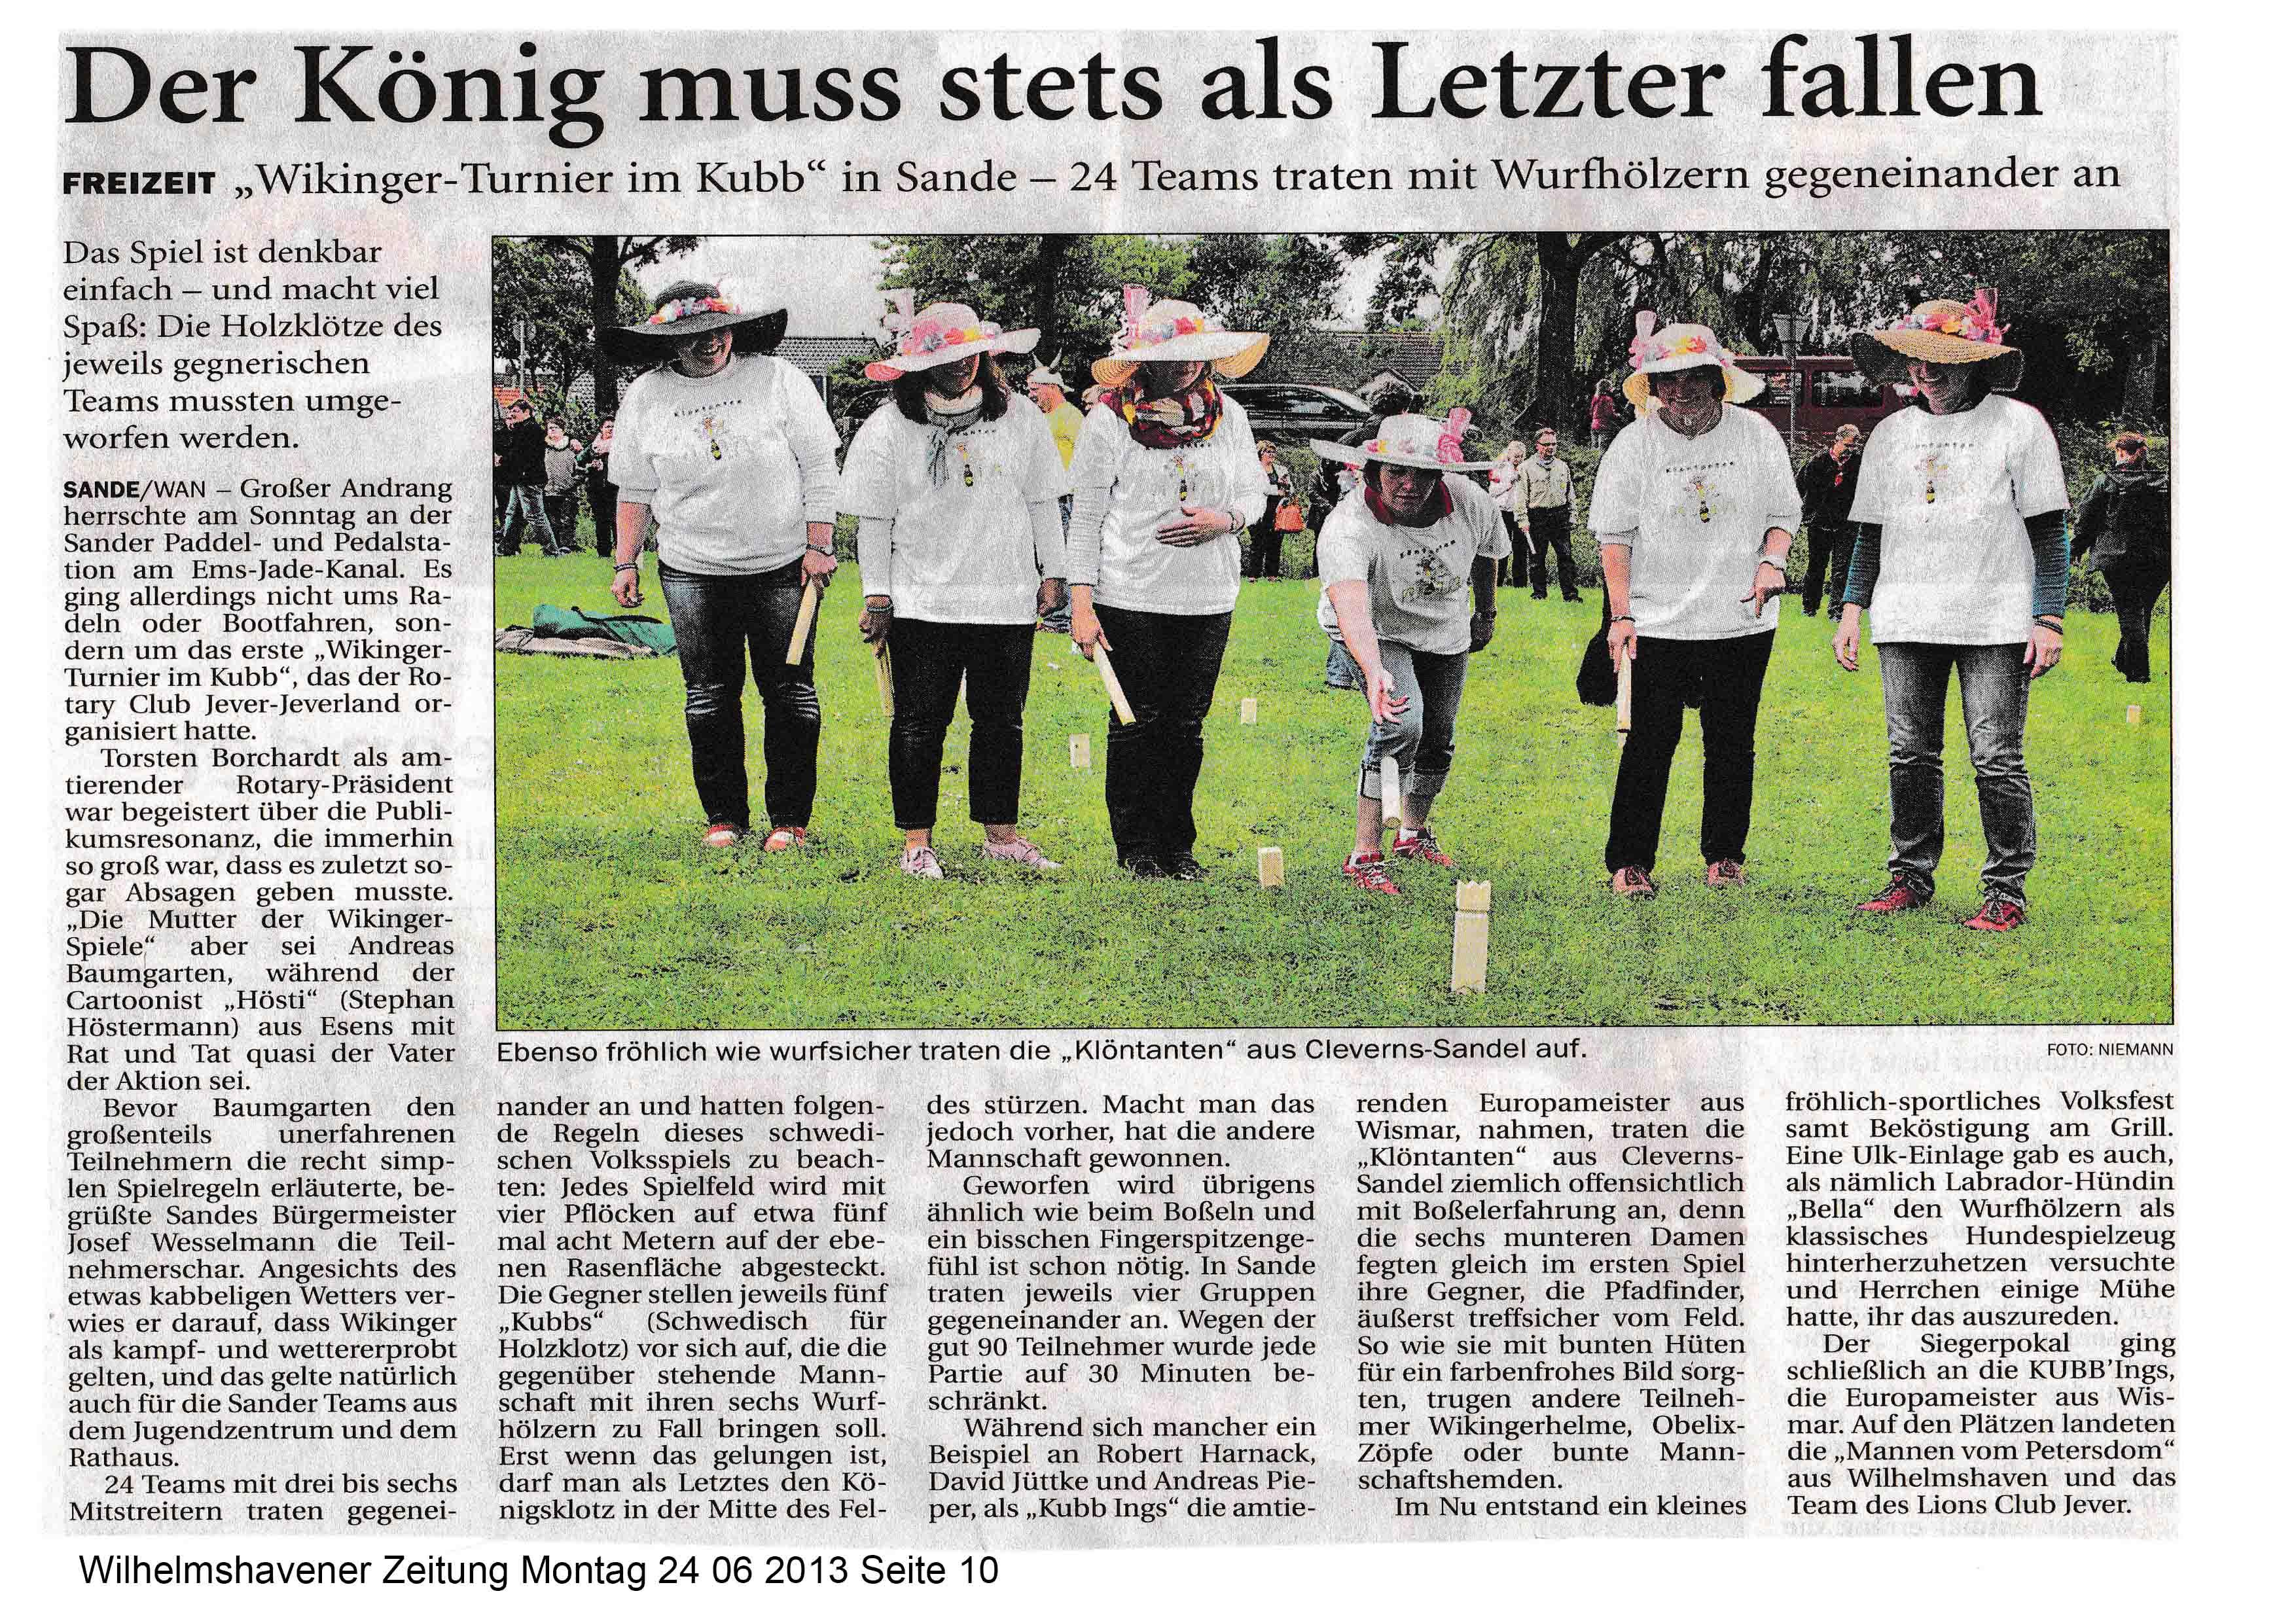 Wilhelmshavener Zeitung Montag 24 06 2013 Seite 10